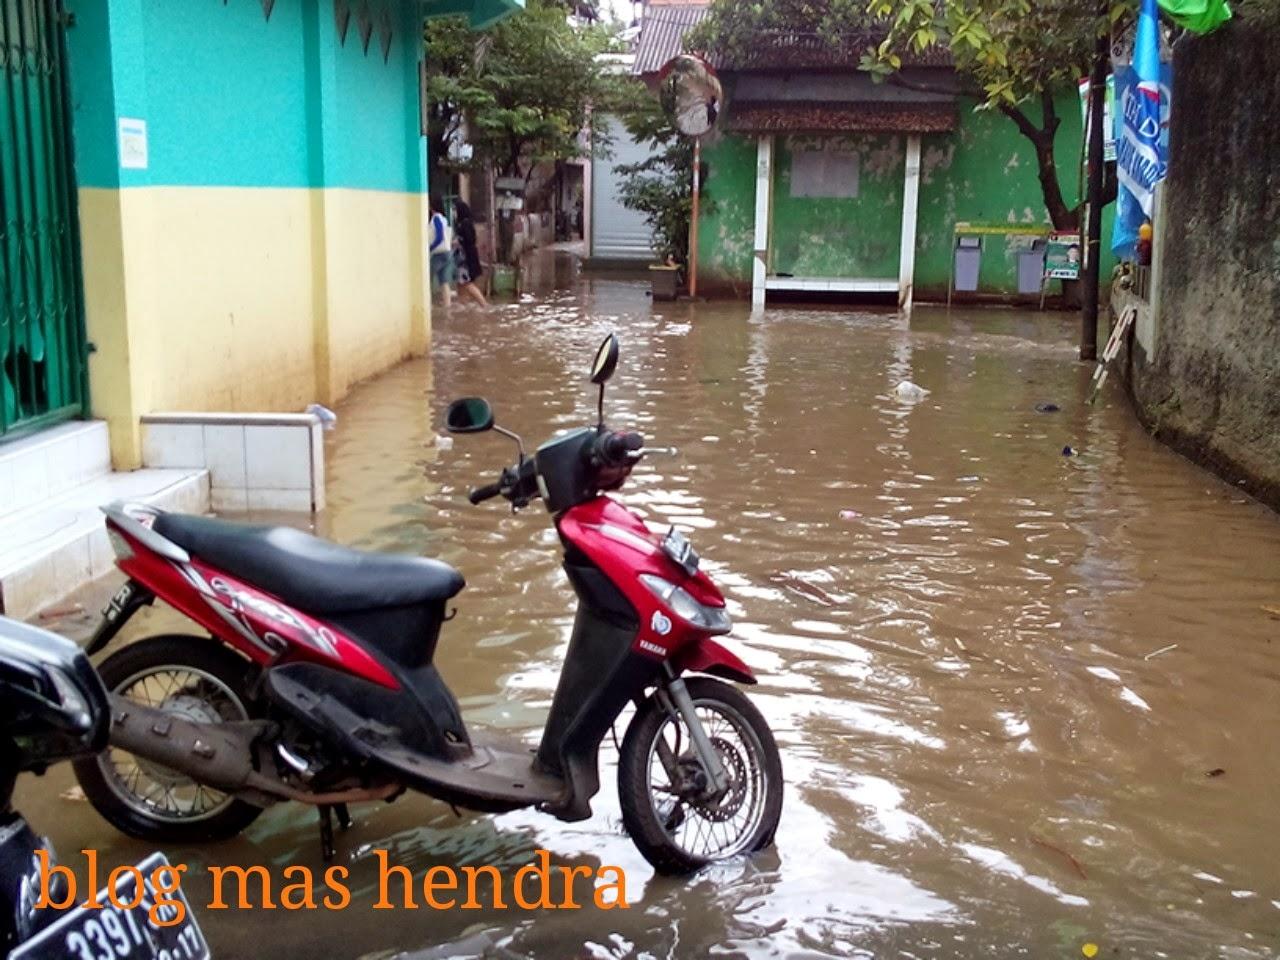 beberapa motor tak bisa masuk akibat banjir kiriman